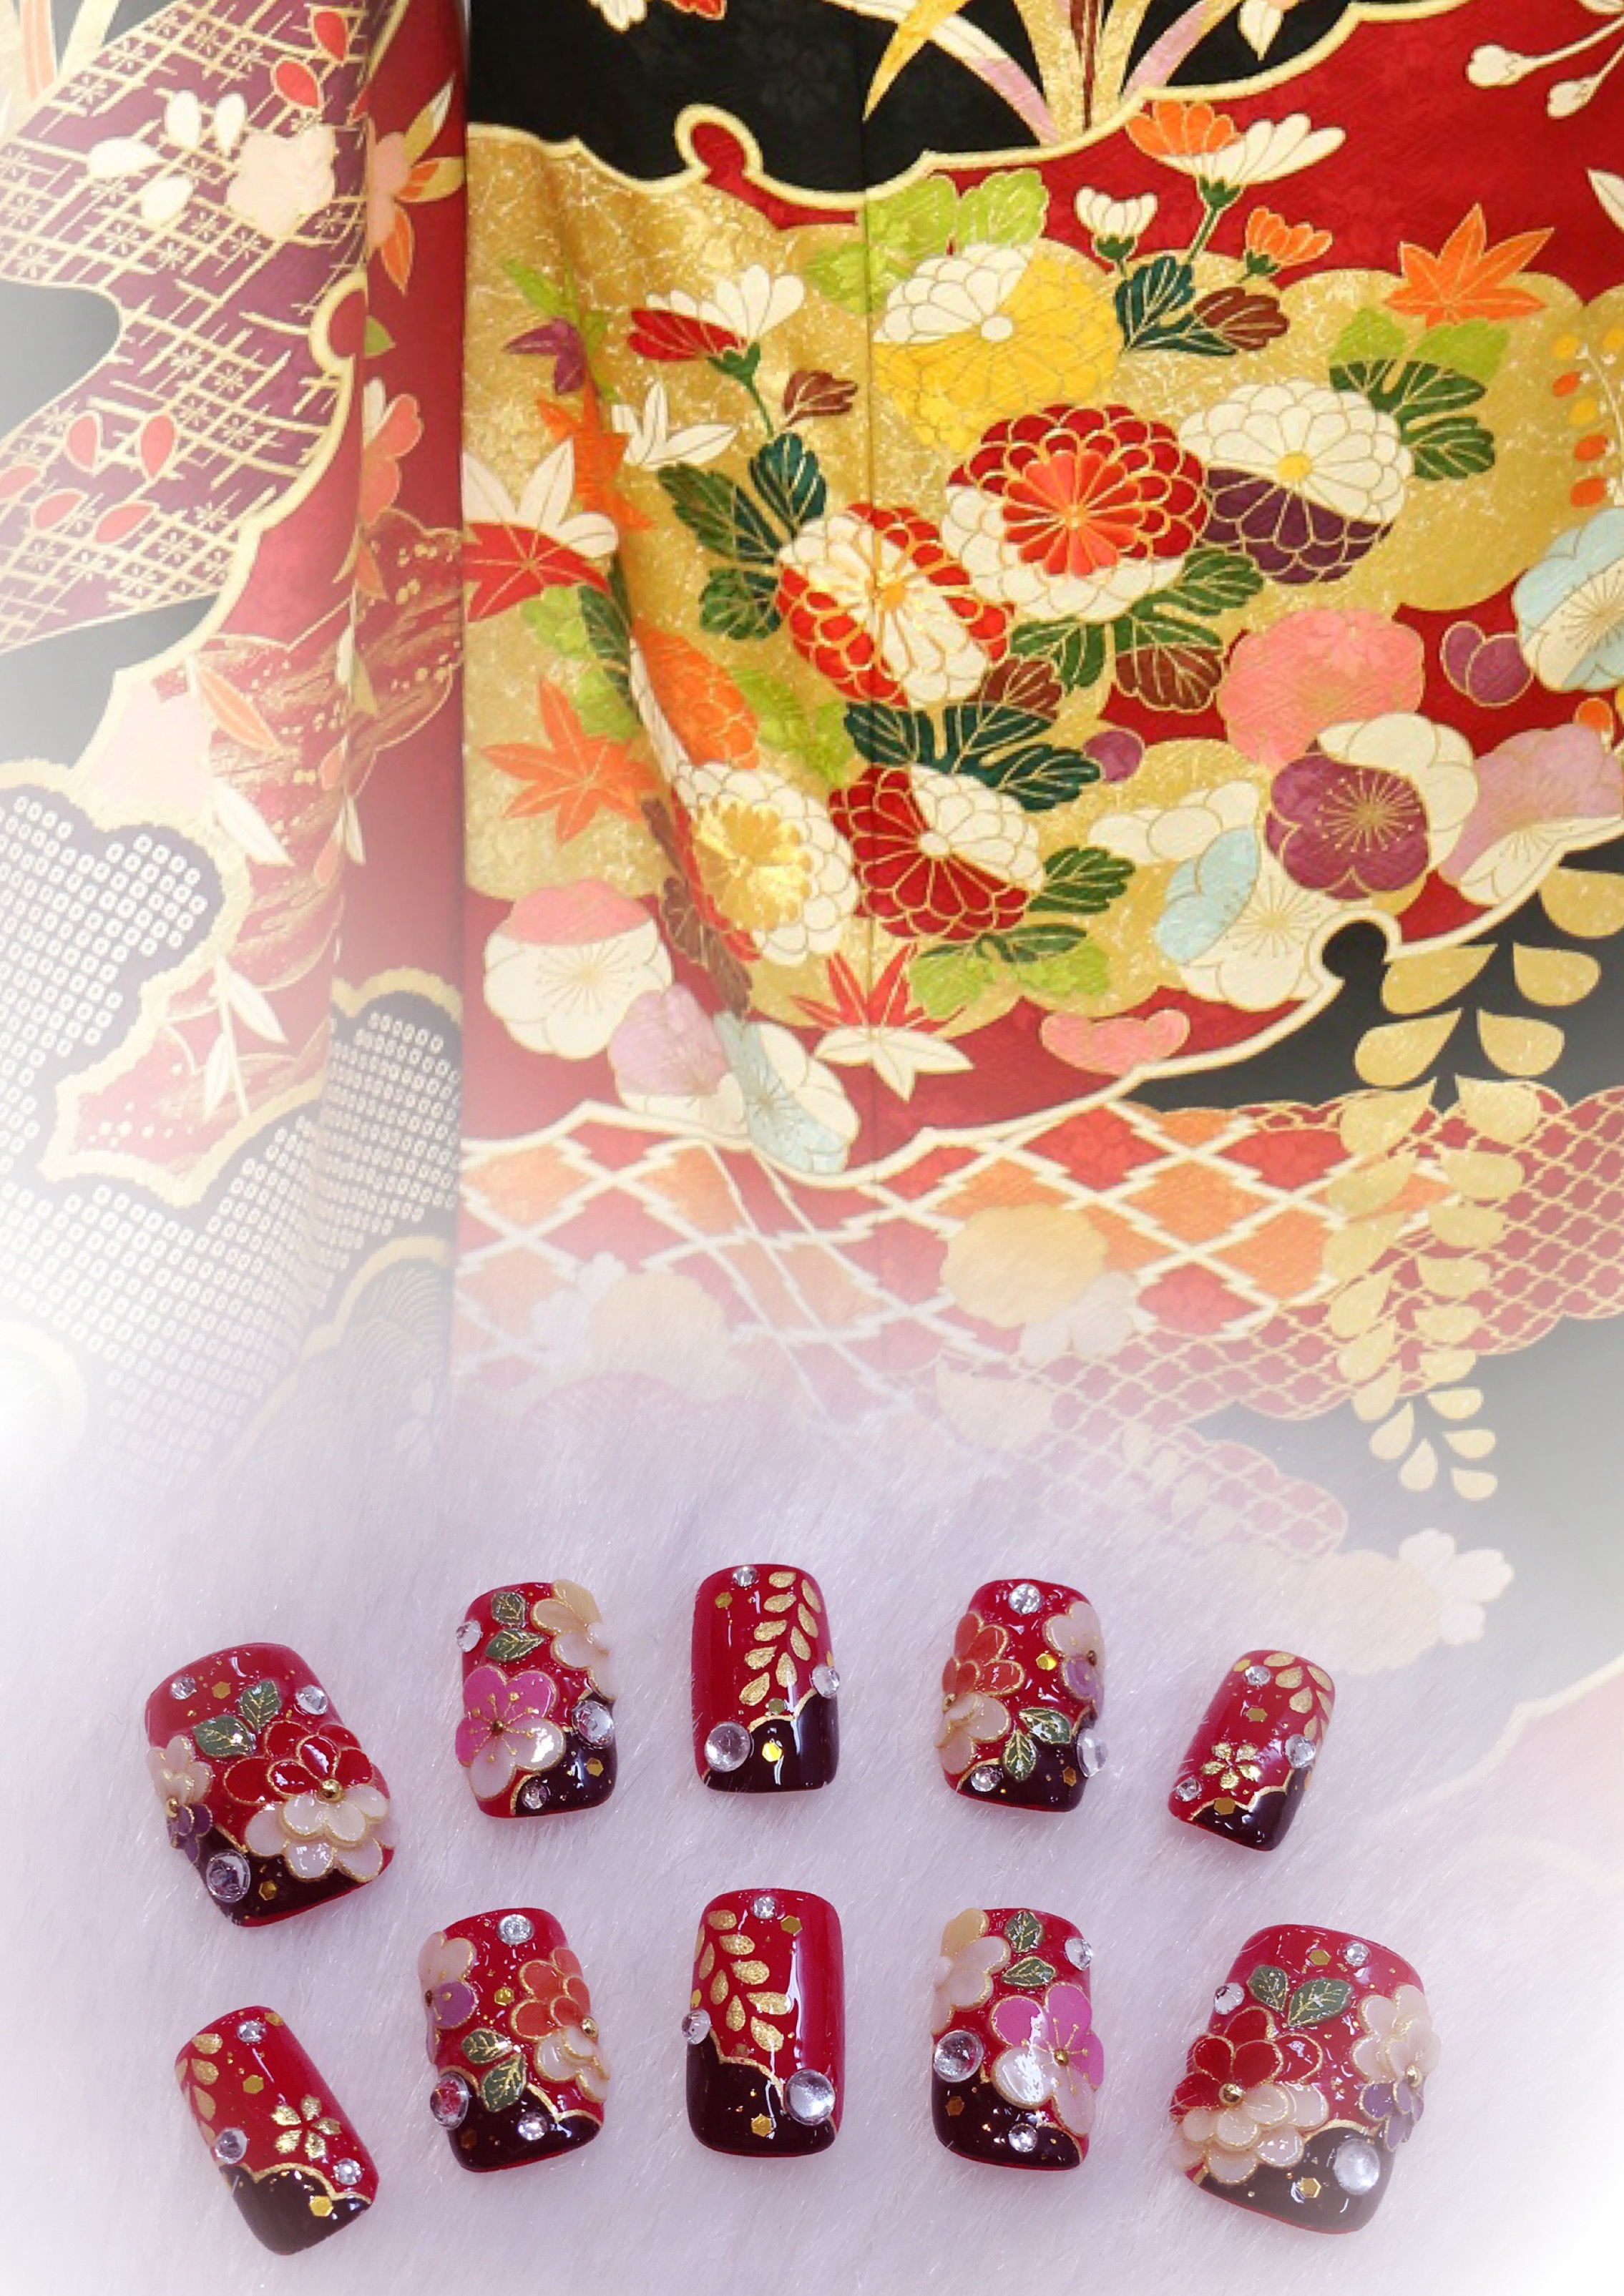 成人式 振袖 ネイル ネイルチップ つけ爪 赤 菊 藤 楓